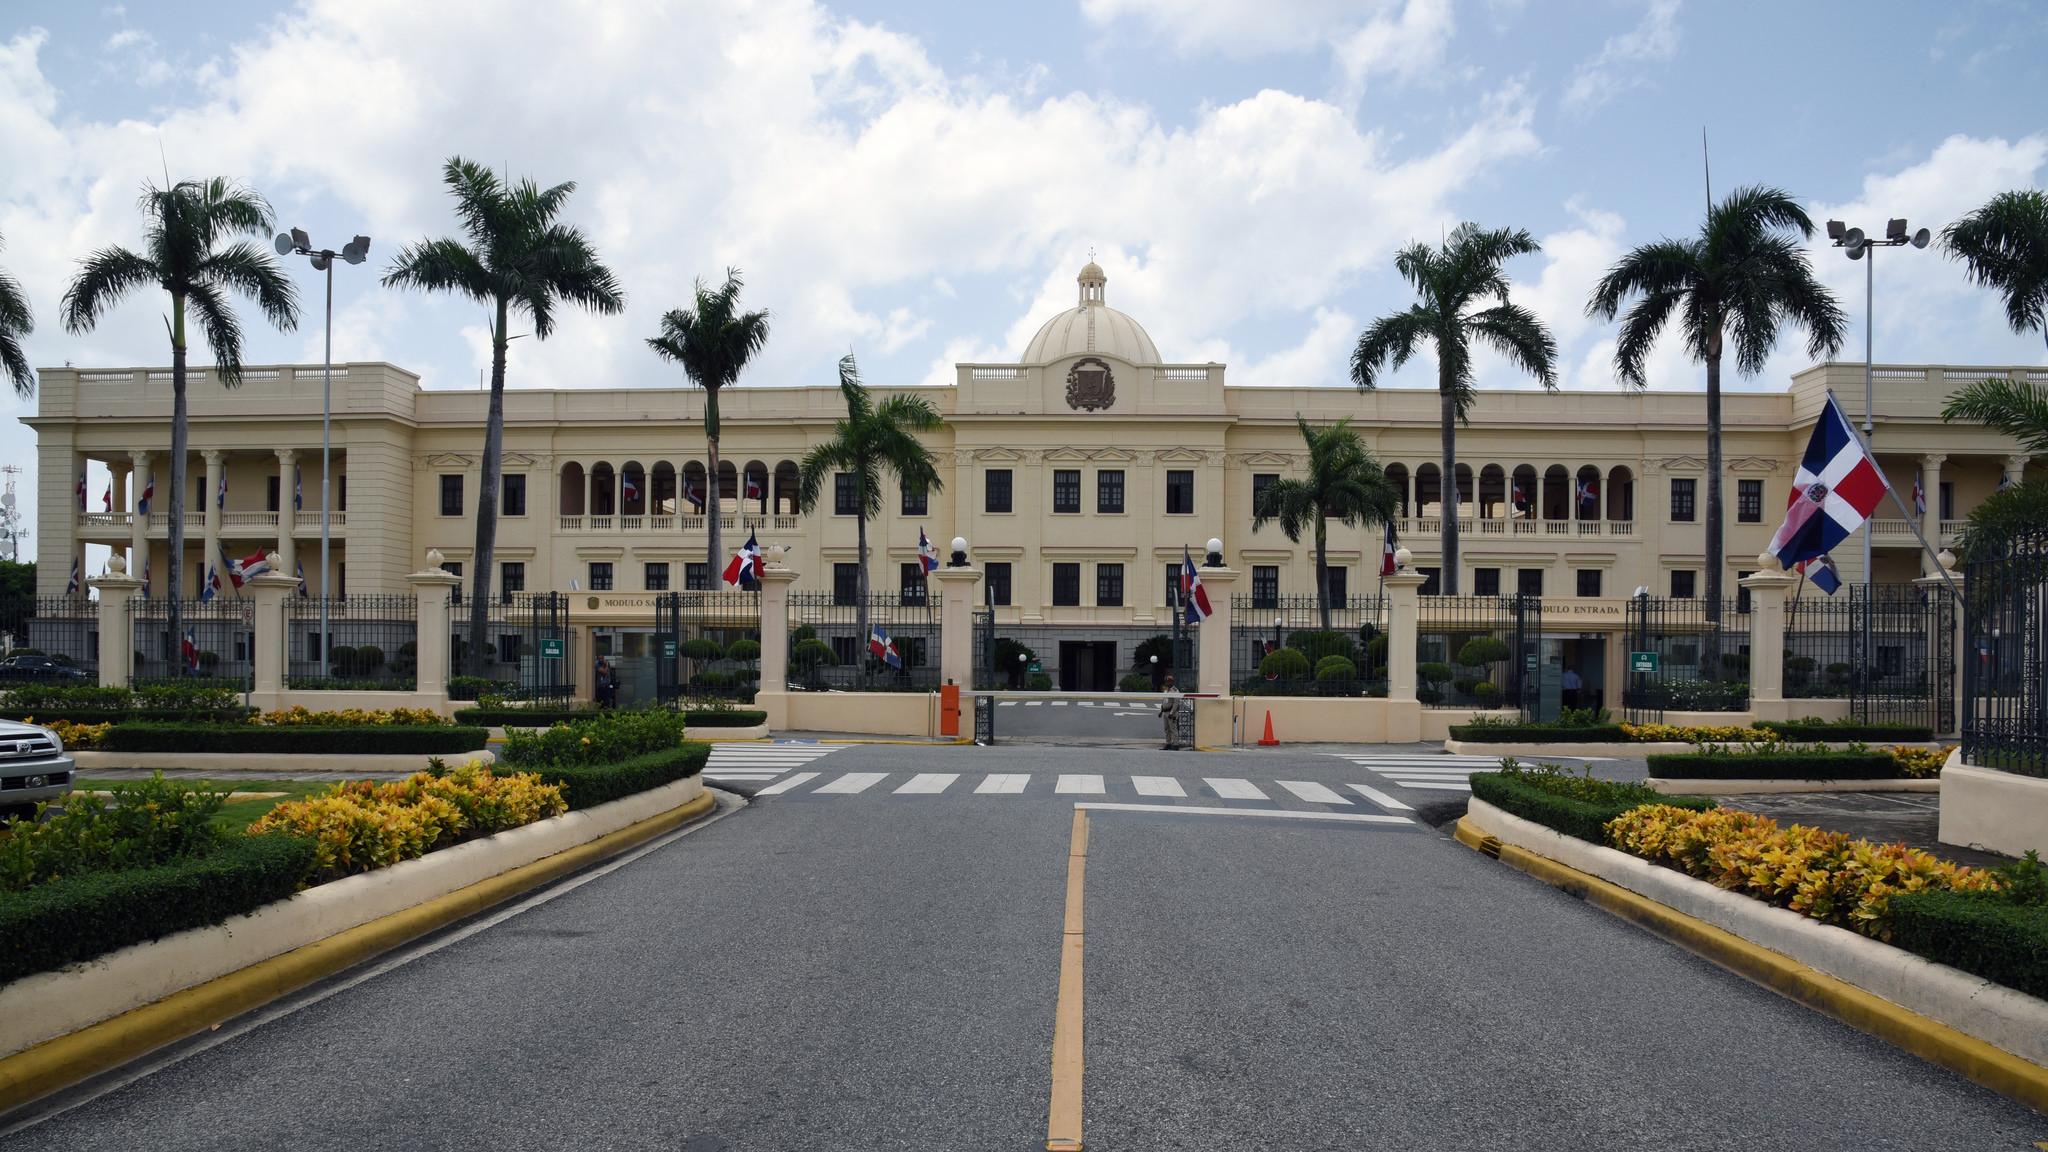 Medina convoca de forma extraordinaria al Senado y Cámara de Diputados